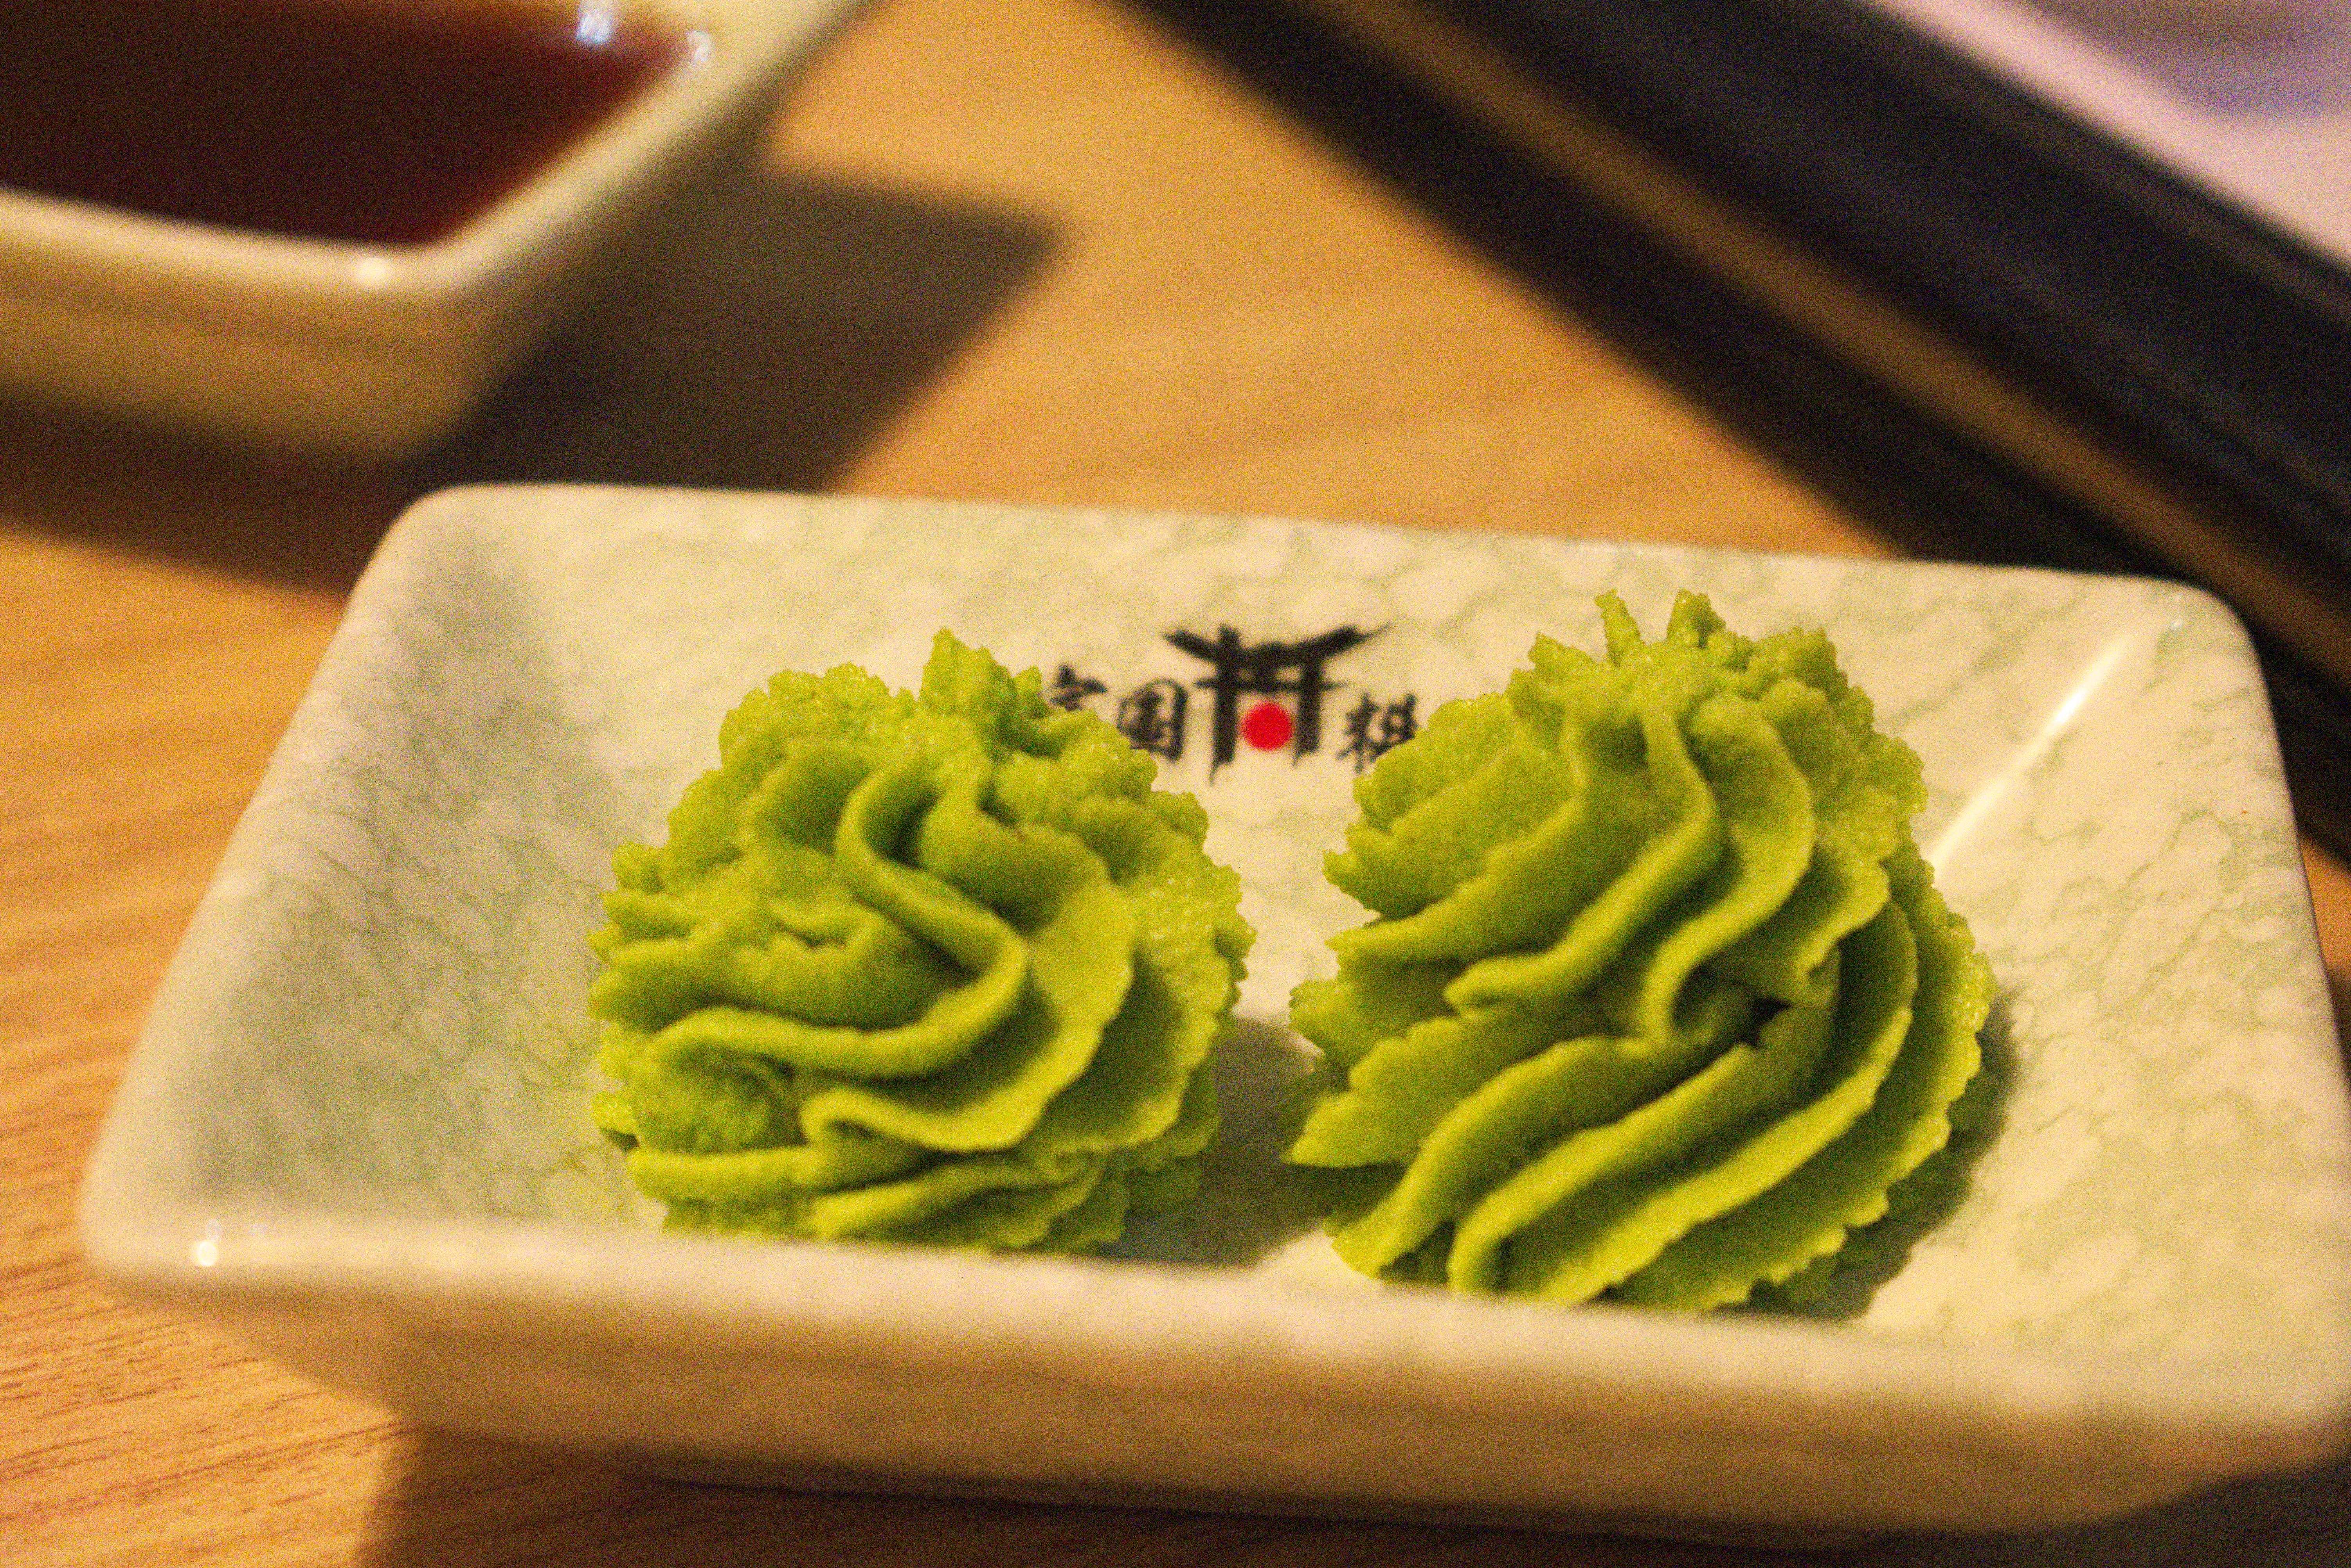 fugo ryori wasabi